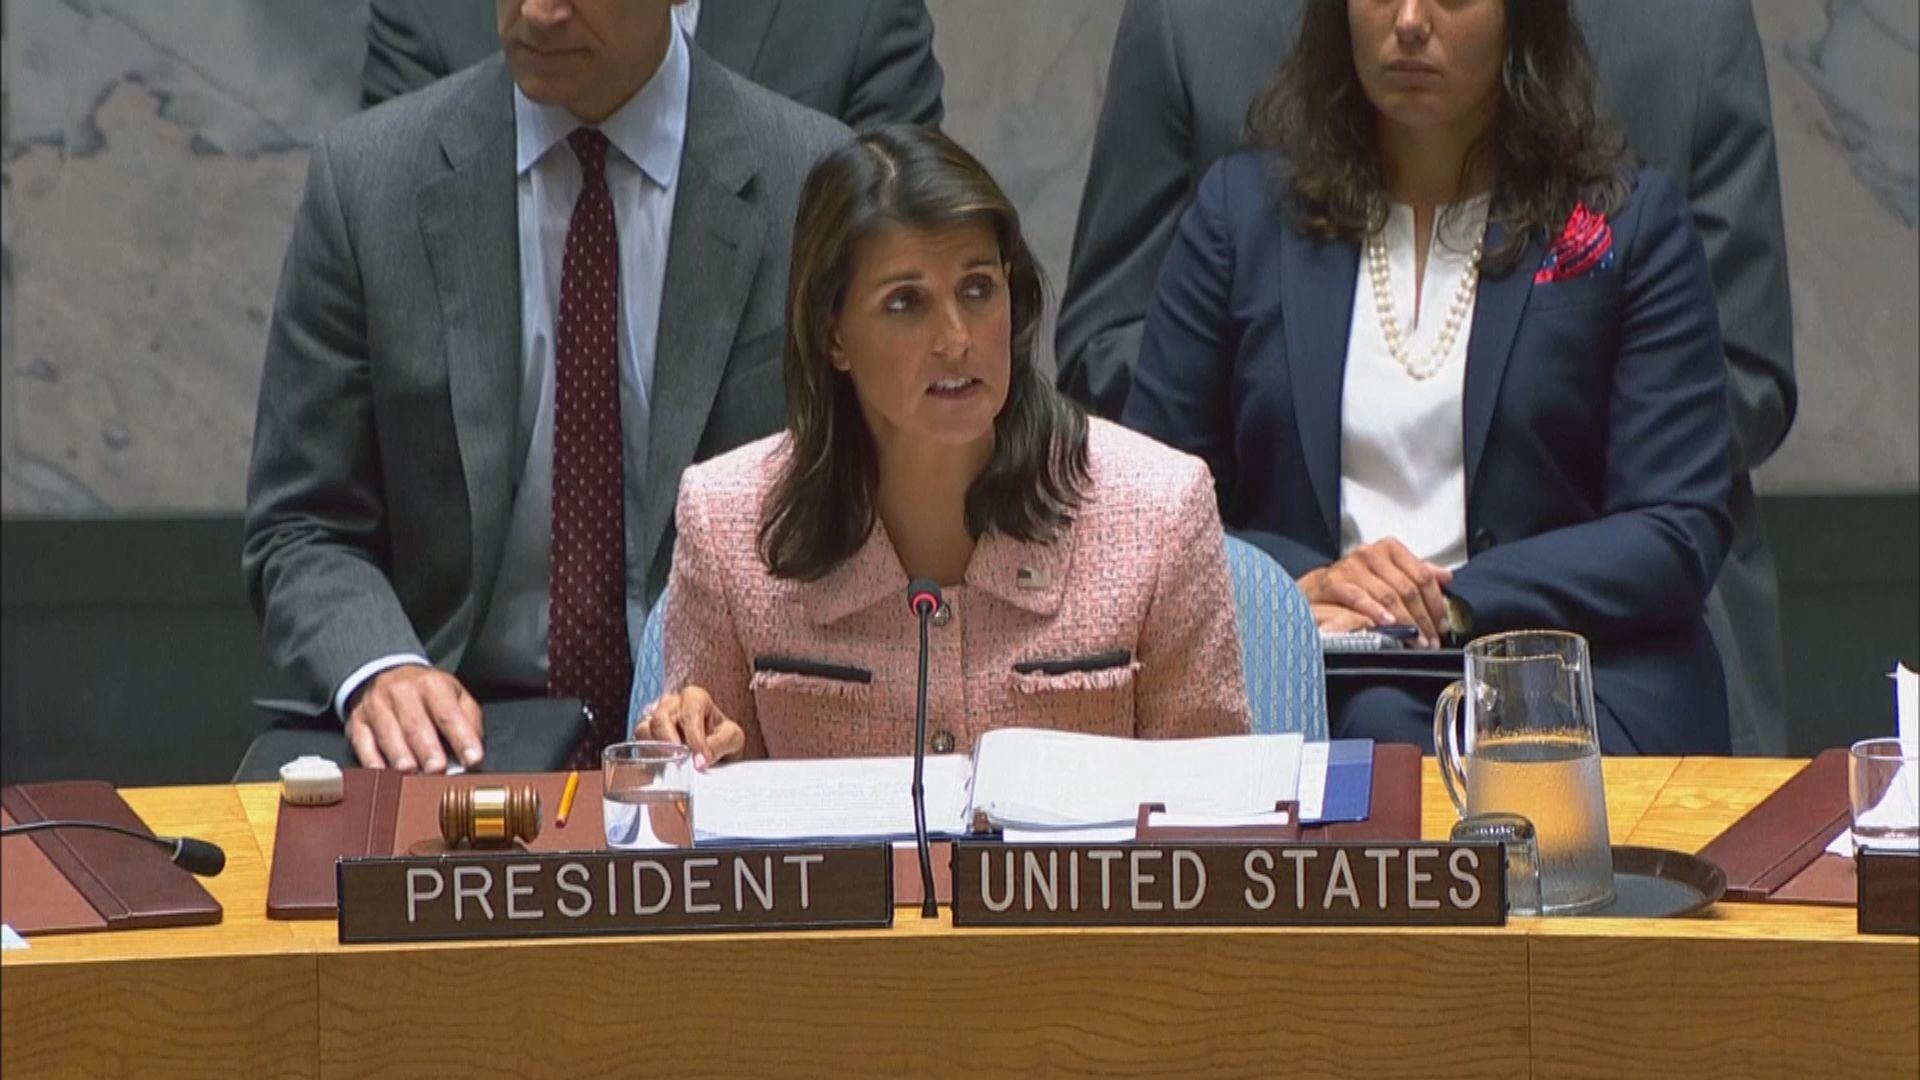 美國常駐聯合國代表黑利辭職